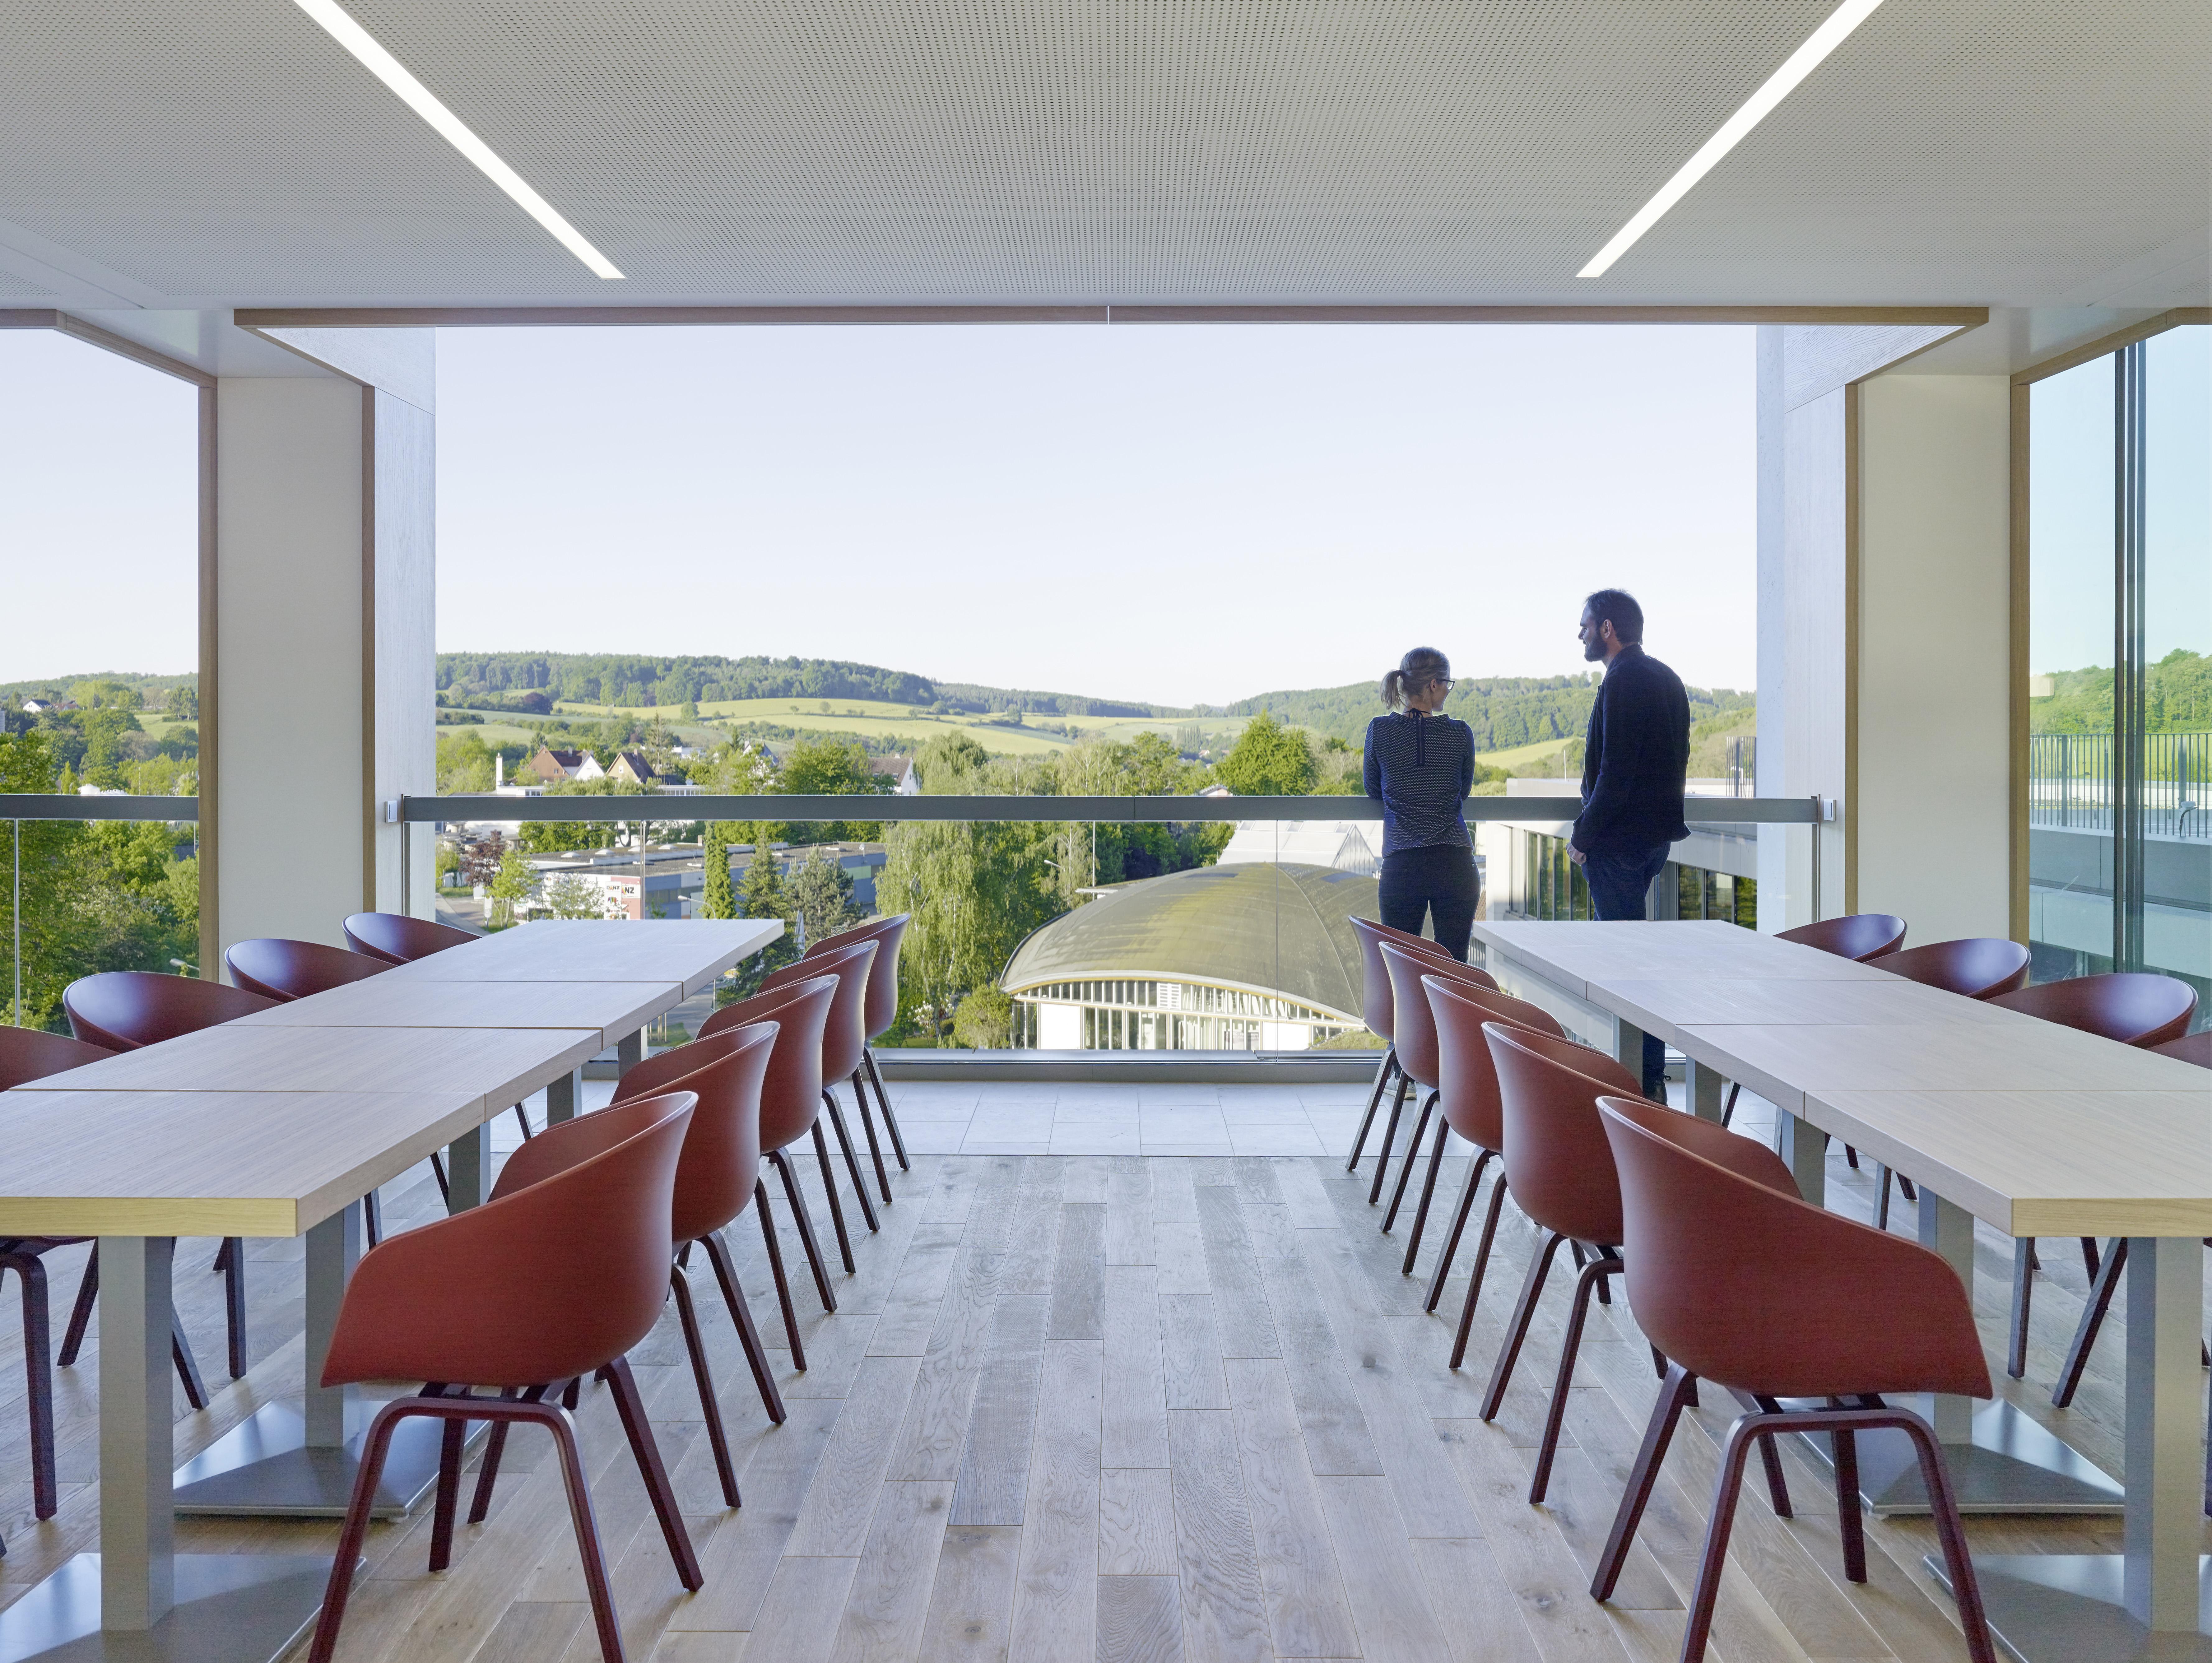 <p>Cafetaria met open ramen. Beeld: Constantin Meyer </p>